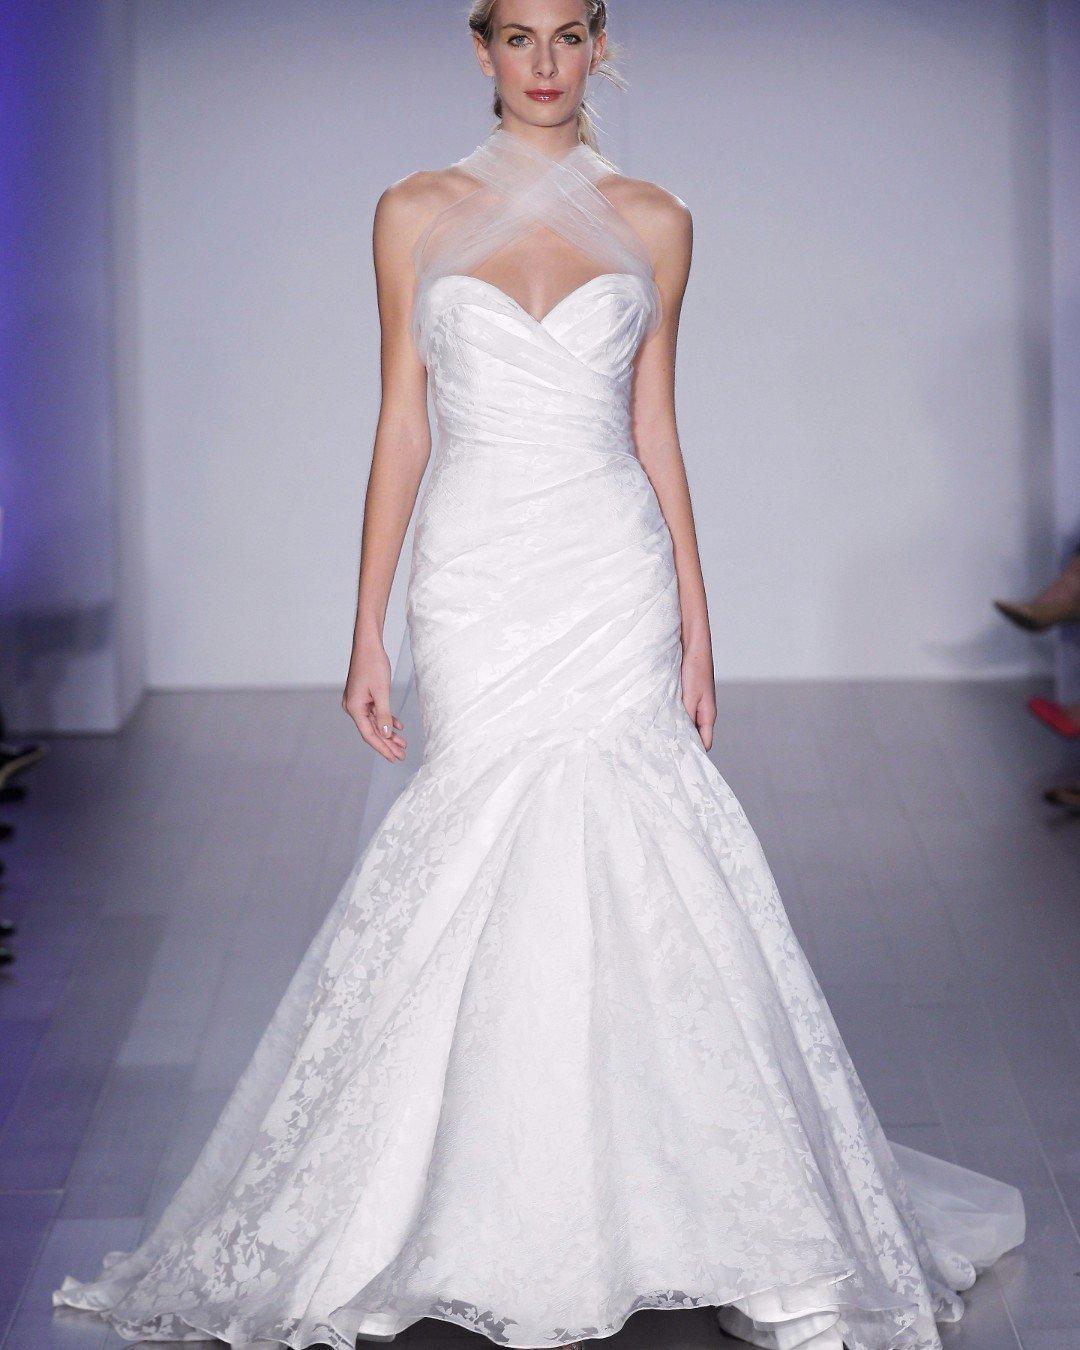 fad0be8138c6c0f Самые красивые свадебные платья 2019 2020: модные тенденции, 211 фото